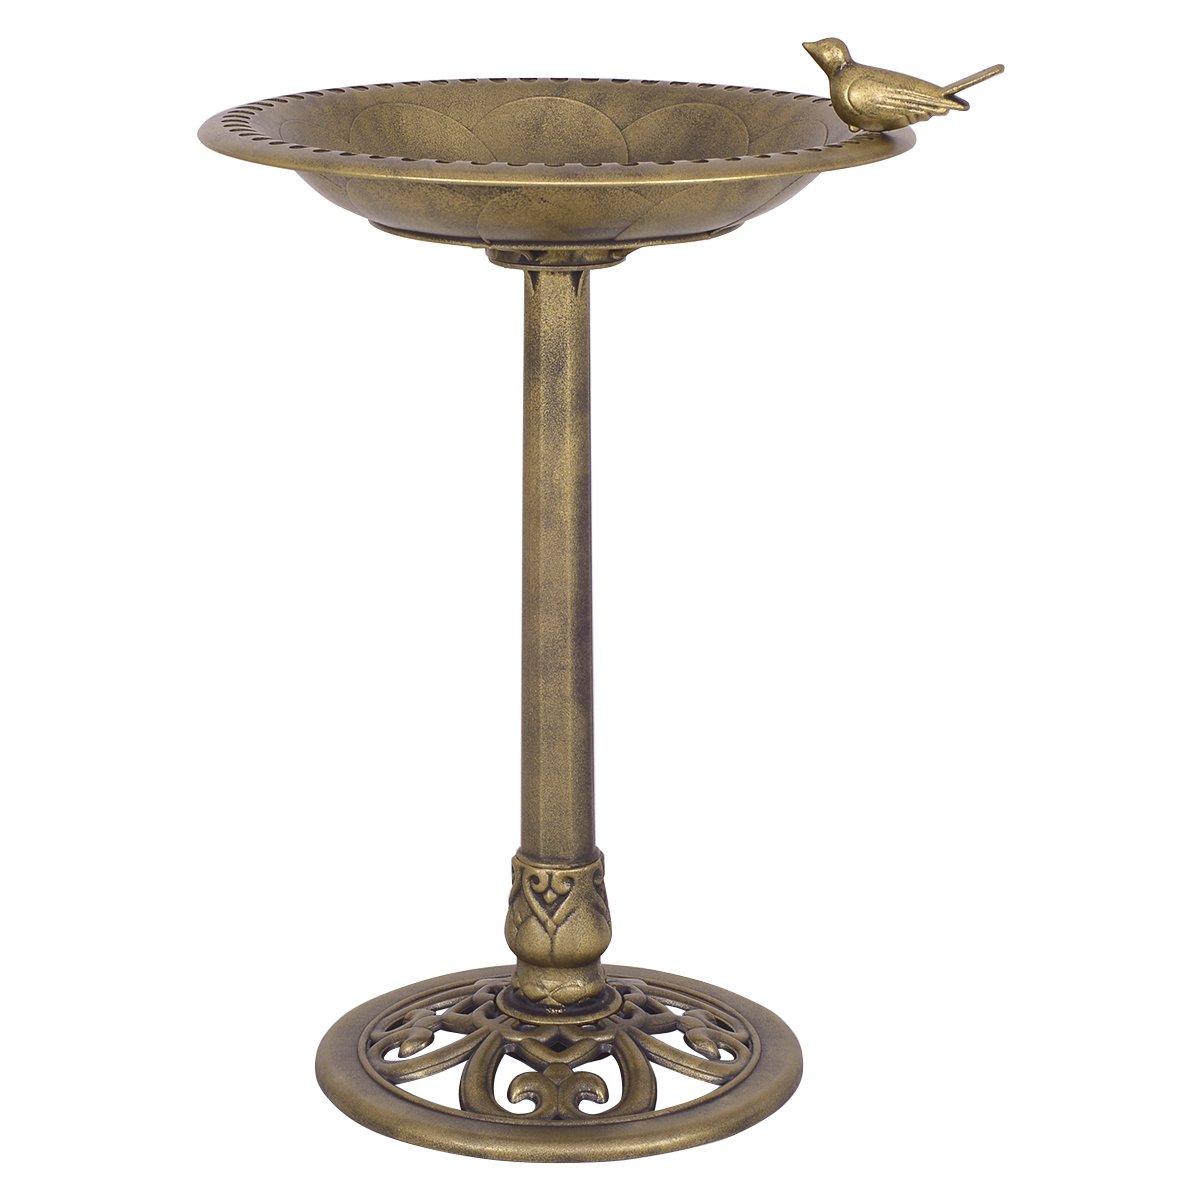 PETSJOY 28'' H Bird Bath Bird Feeder Pedestal, Antique Resin Birdbath for Outdoor Yard or Garden, Freestanding Decoration with Sitting Place, Copper (Antique Copper)